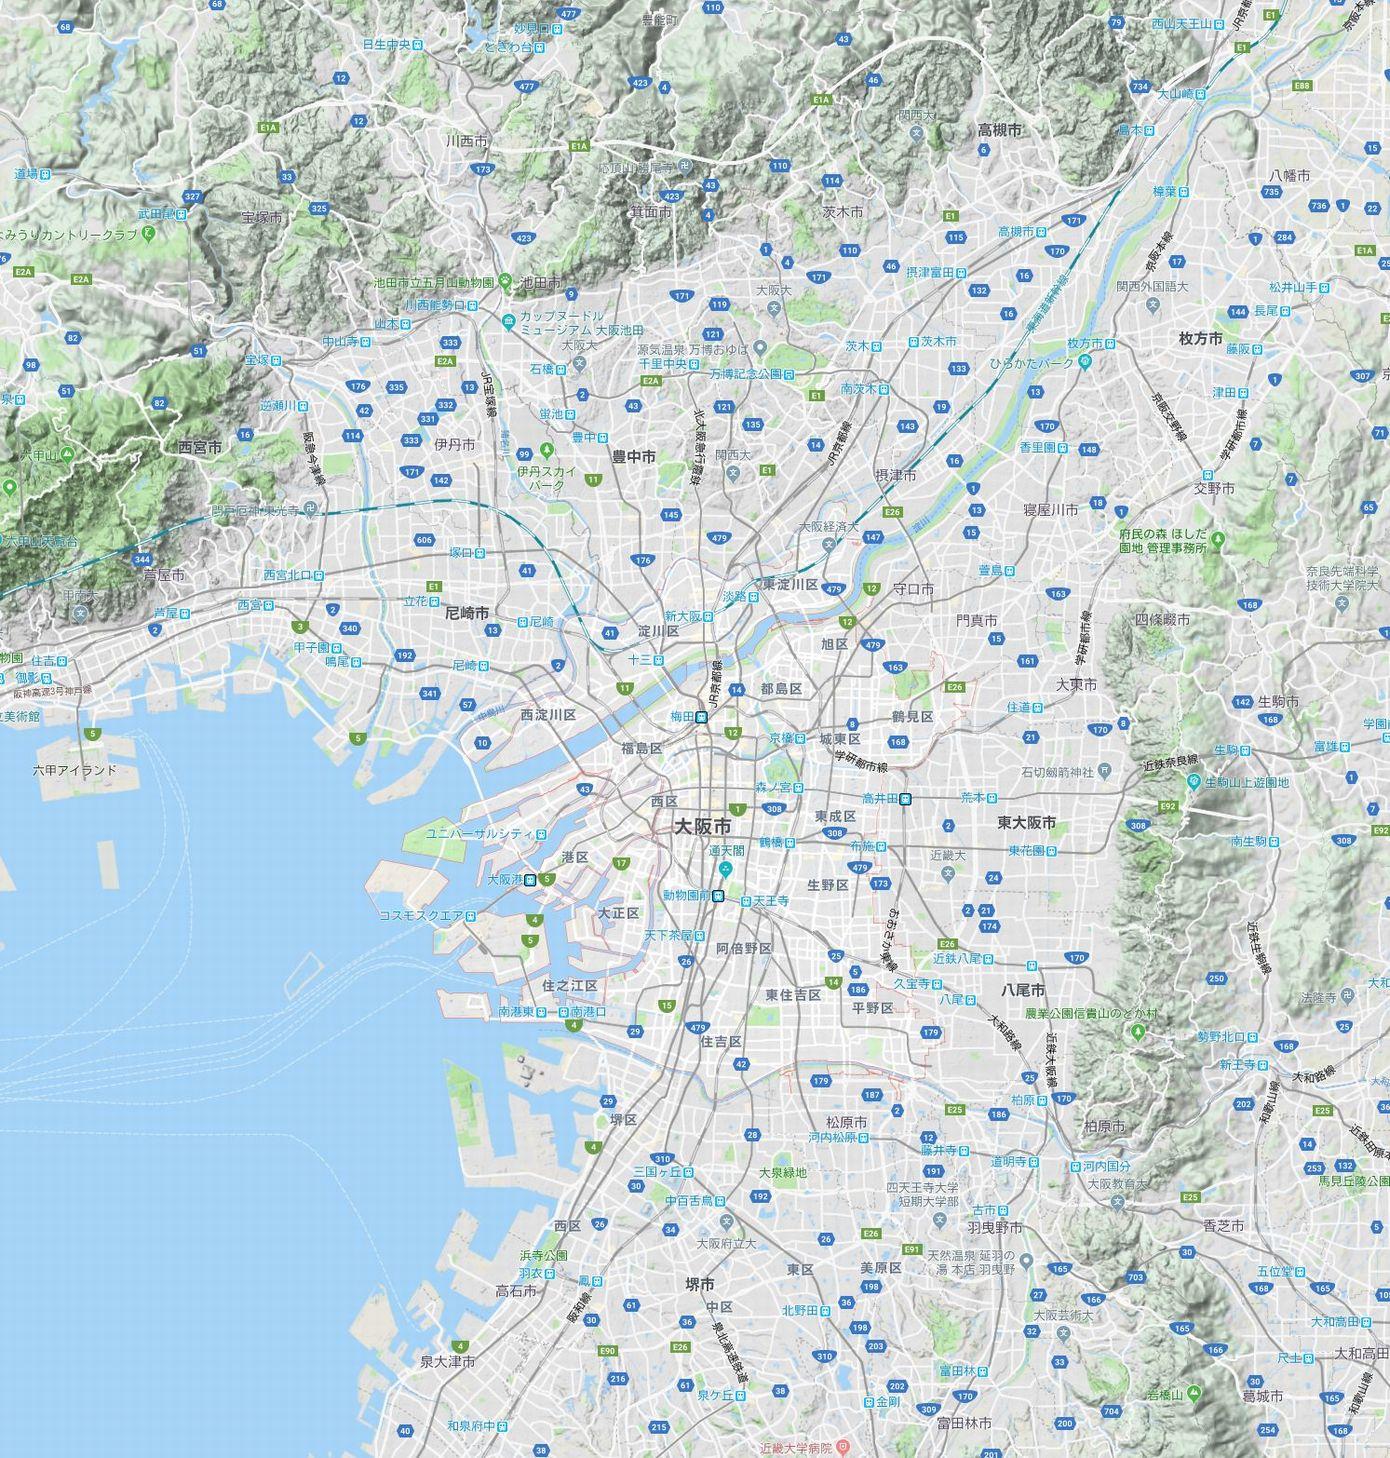 大阪市の地図